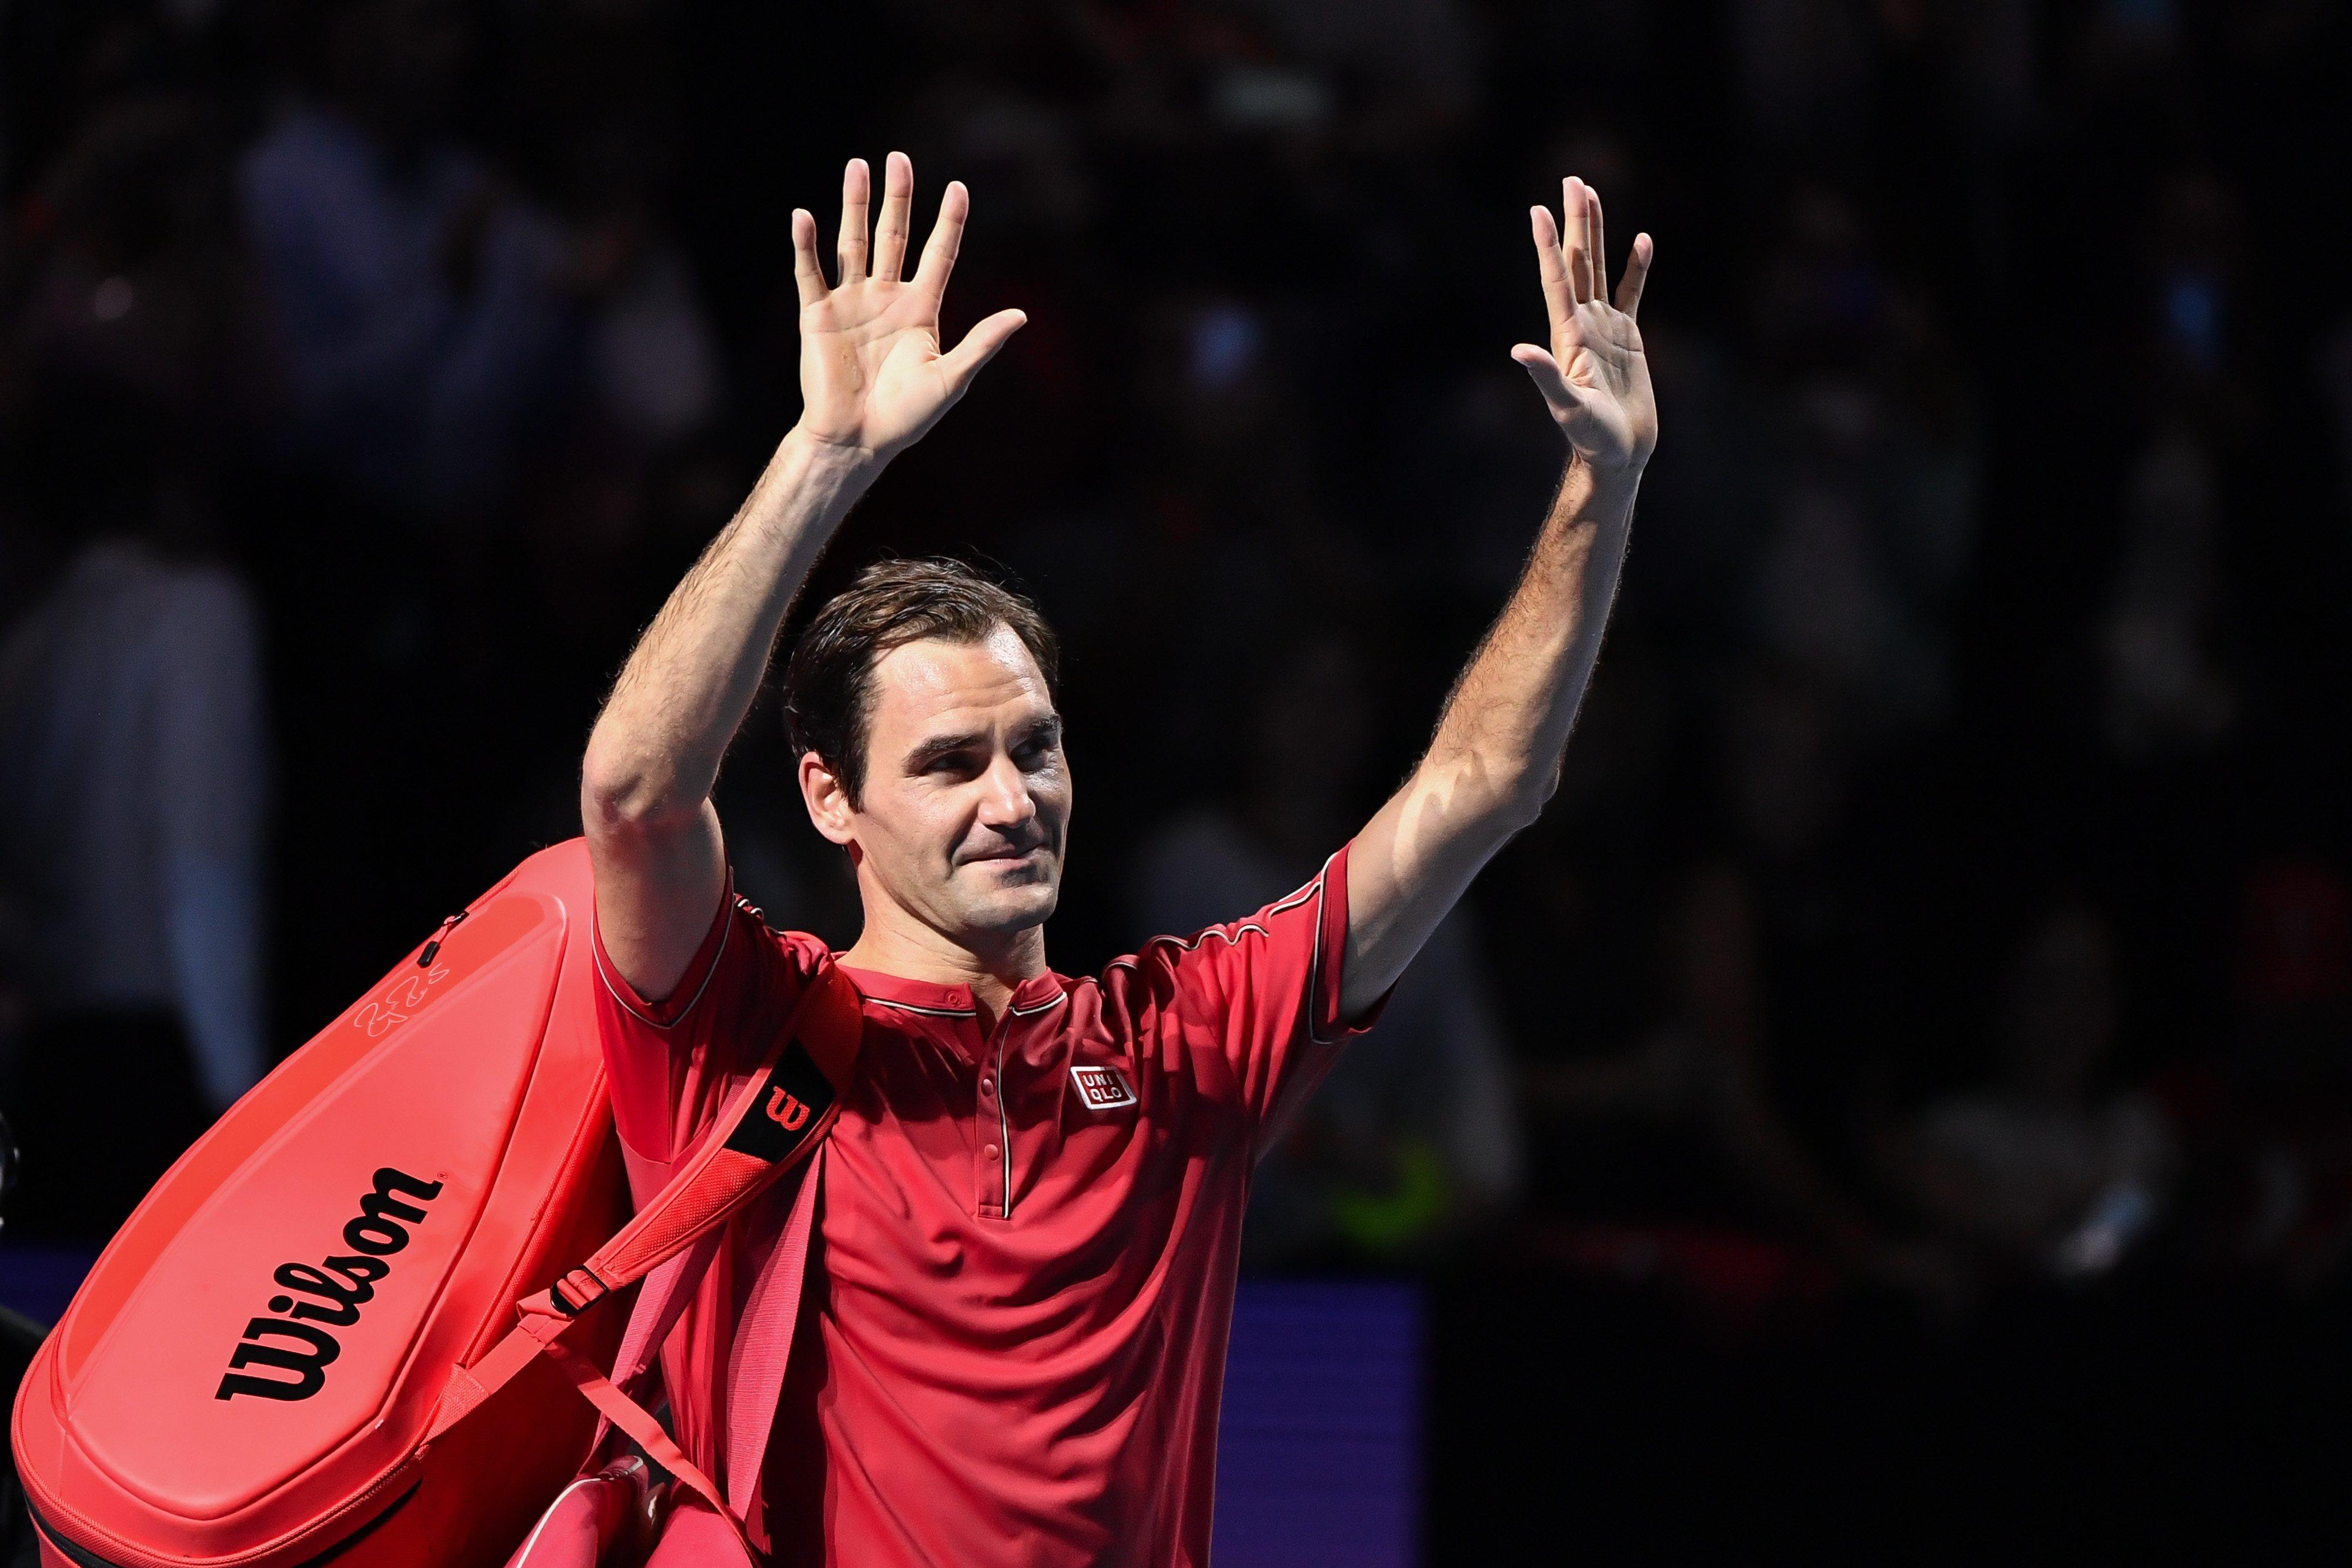 Federer: Rehabilitacja kolana przebiega bardzo dobrze, bez komplikacji